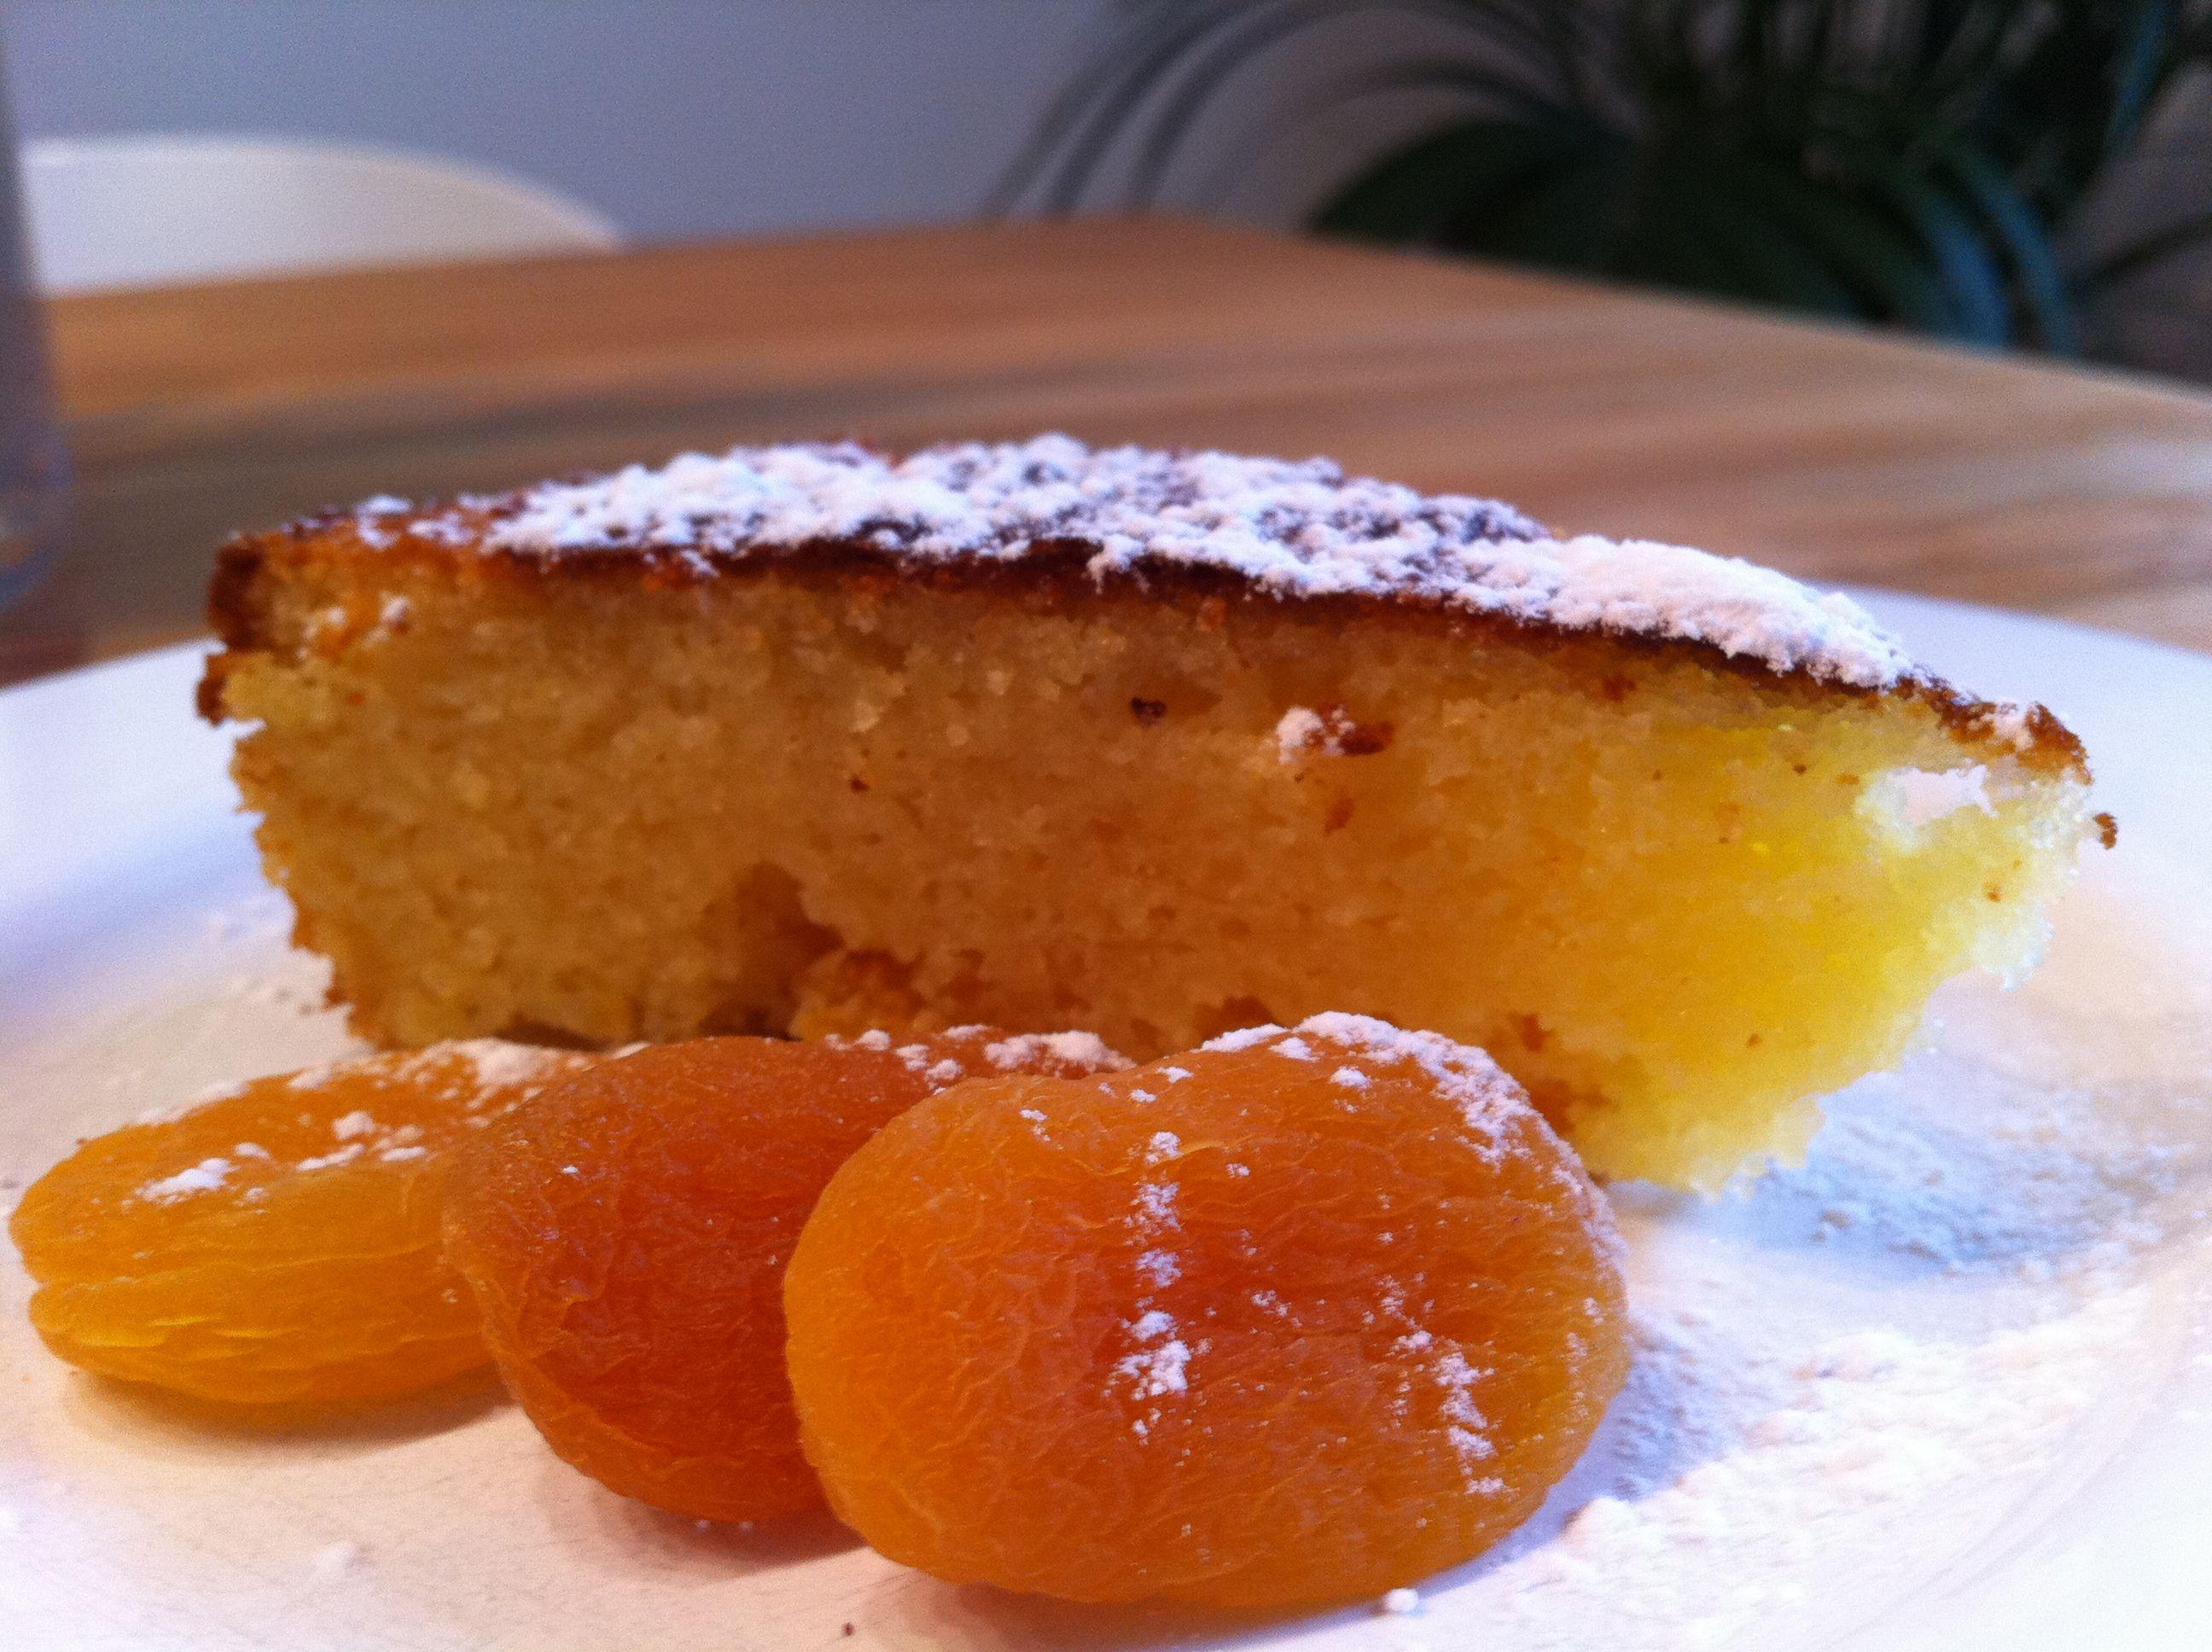 Fur Diesen Sehr Speziellen Feuchten Cake Kuchen M Aprikosen